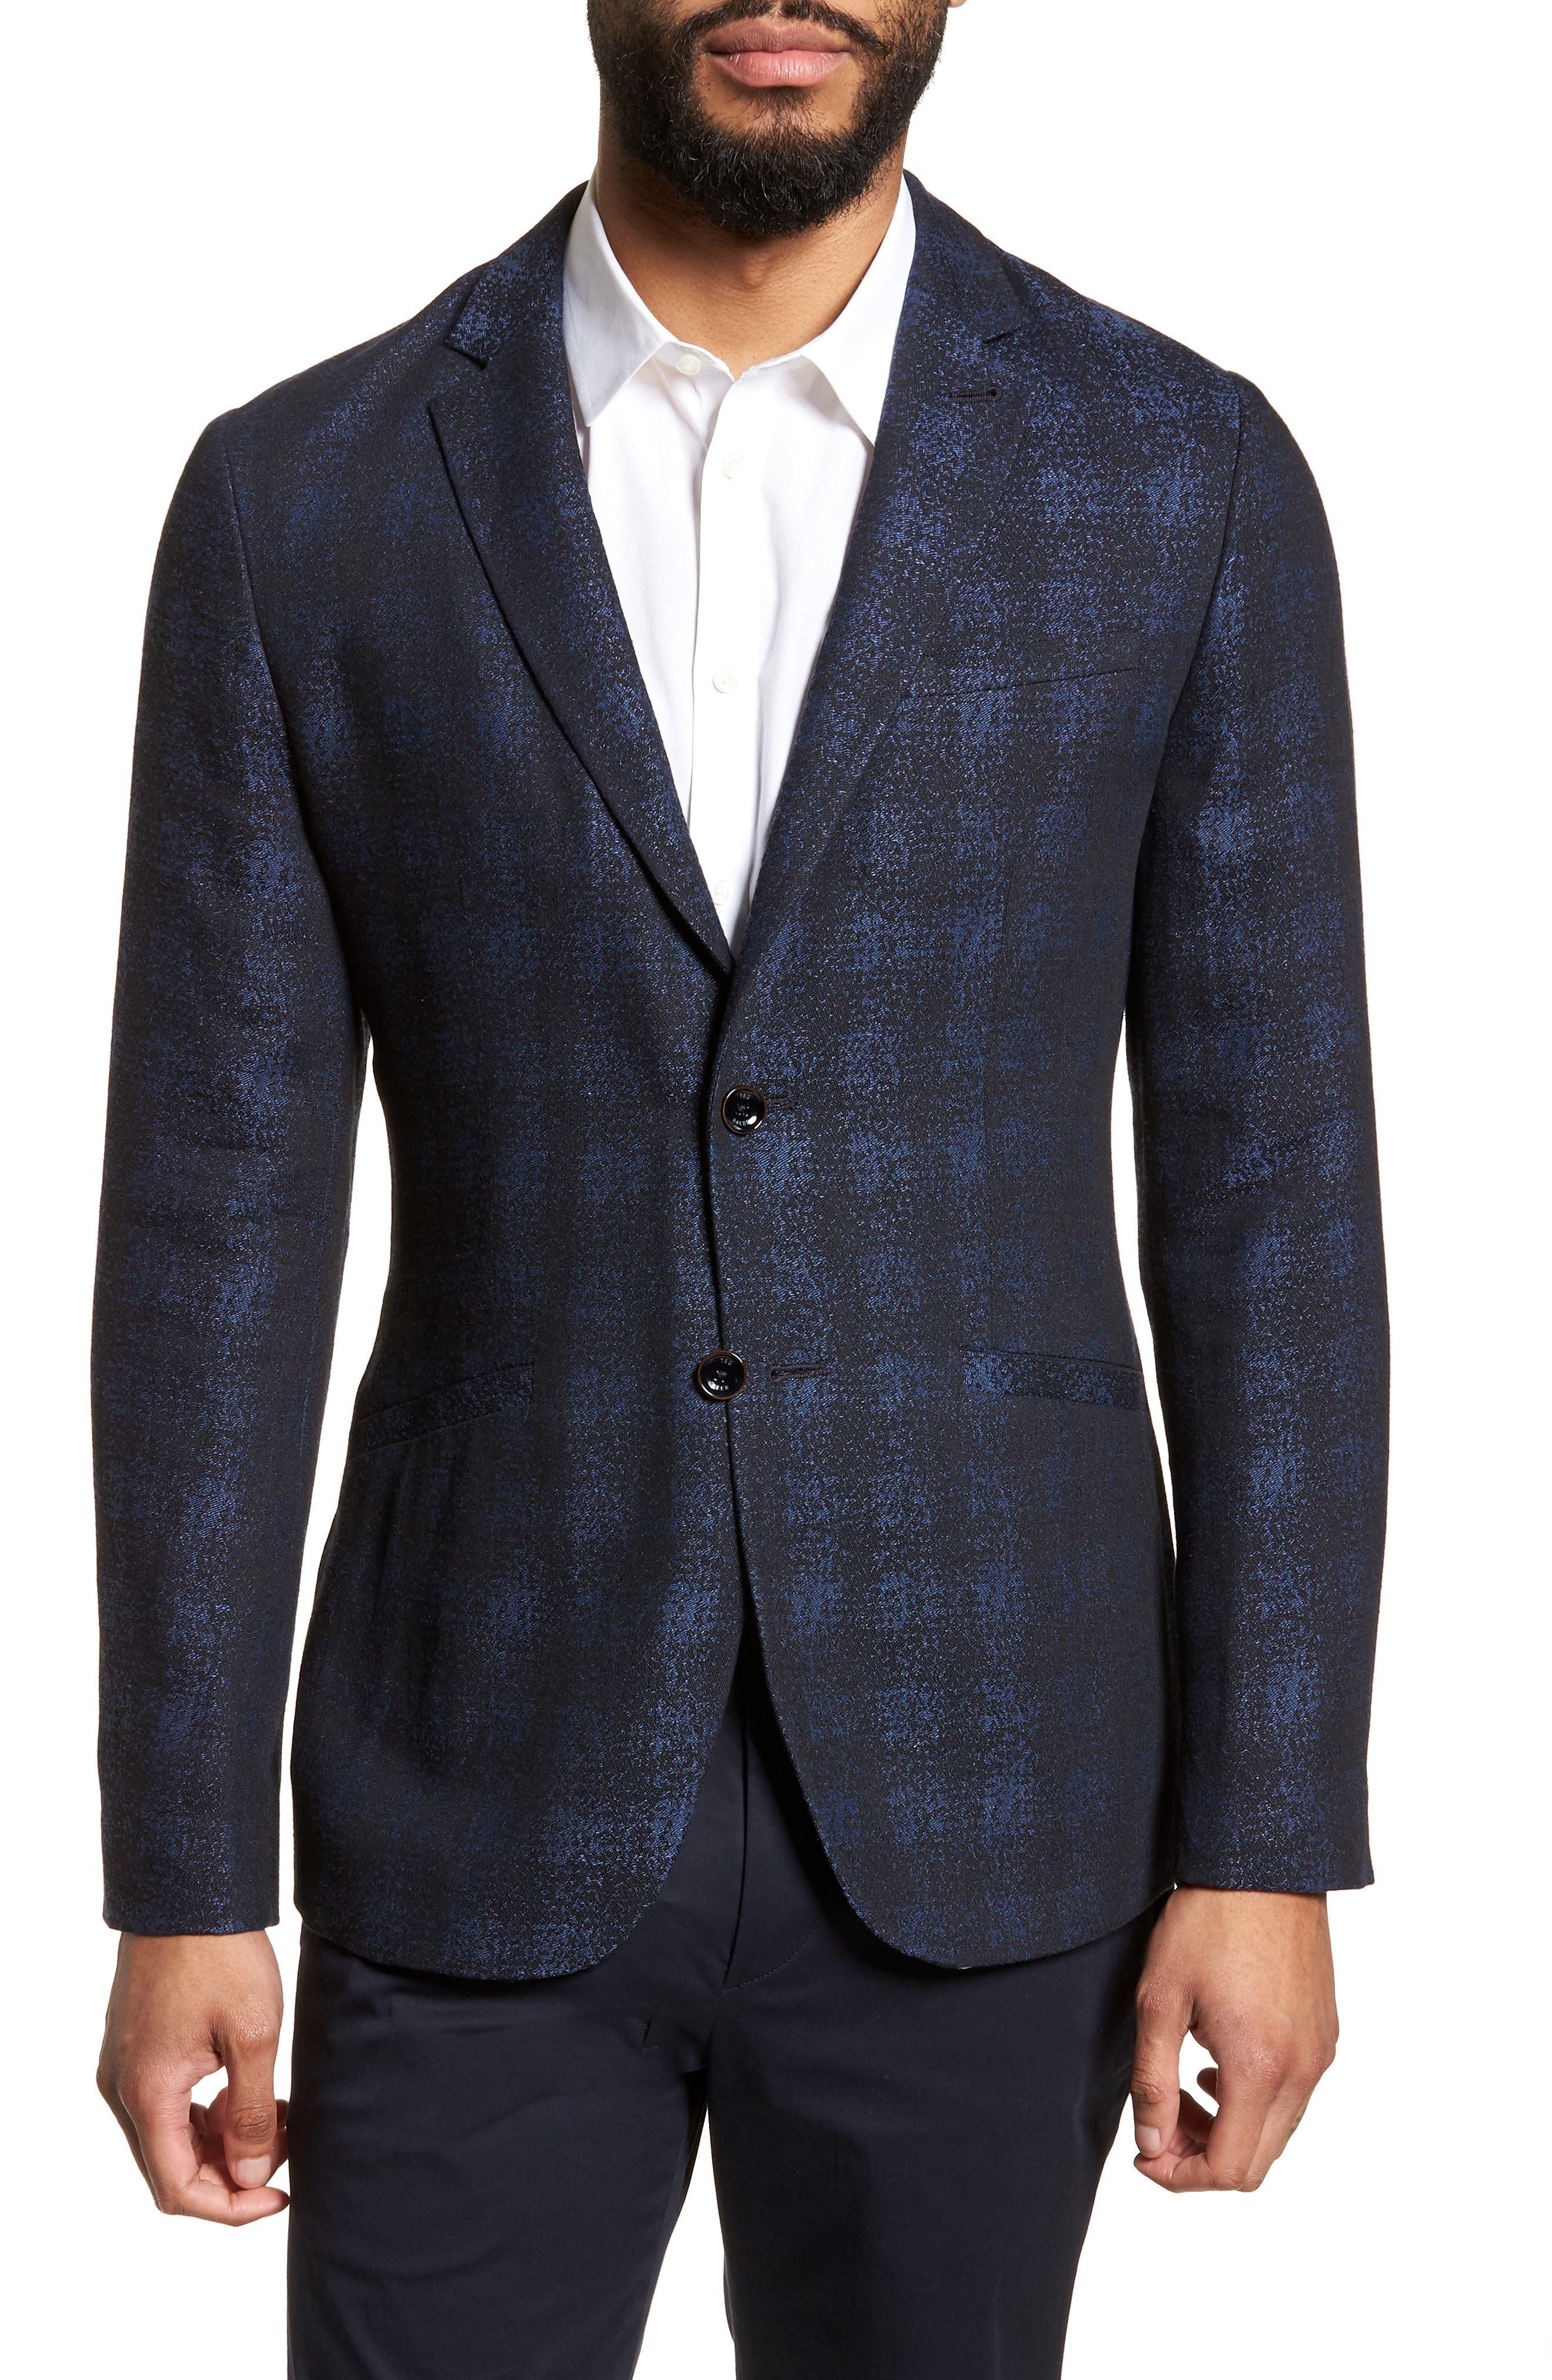 Dors Trim Fit Check Blazer,                         Main,                         color, 410